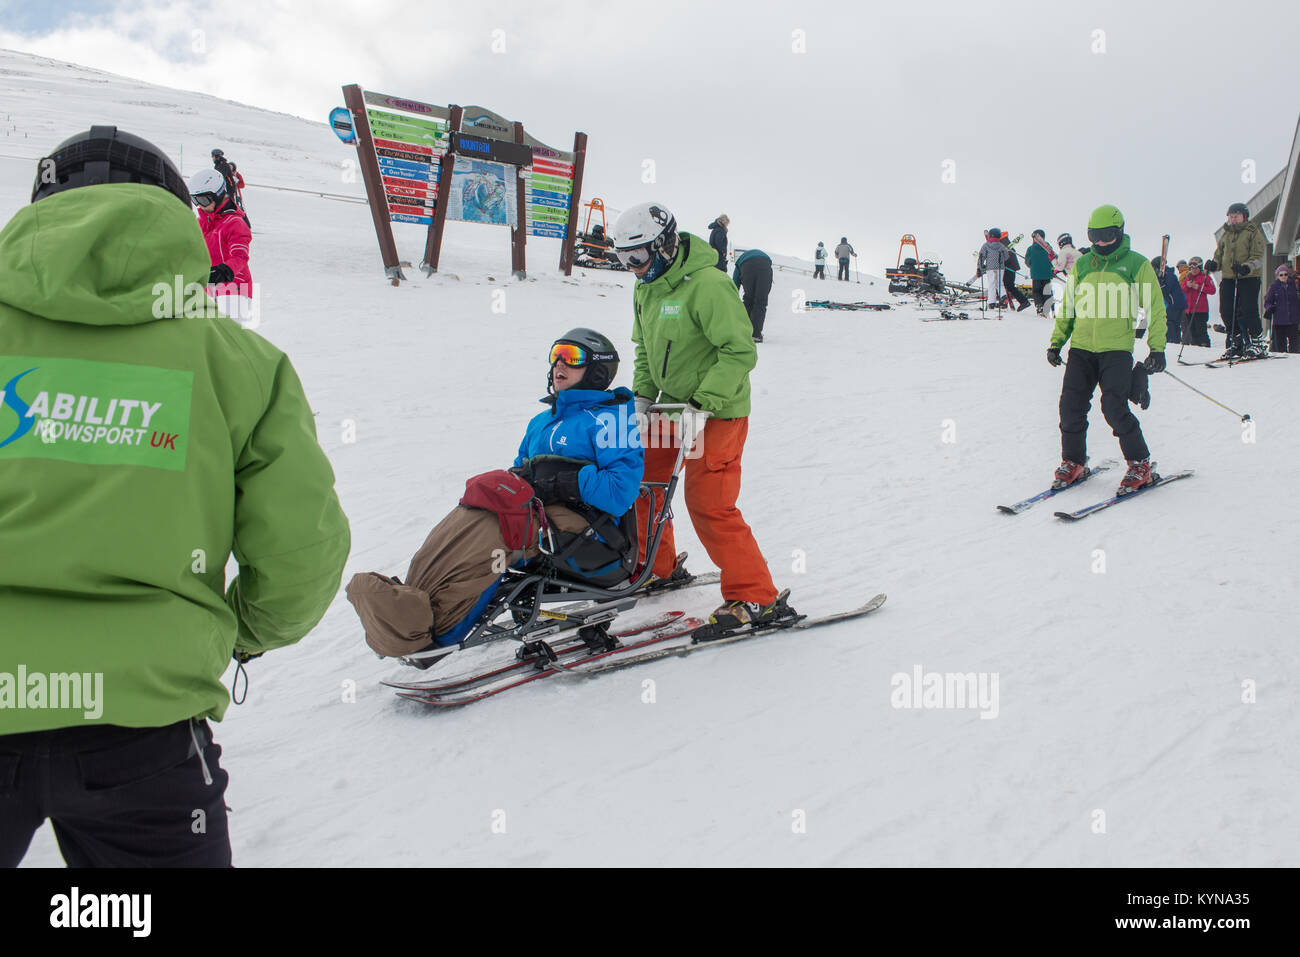 Behinderung nowsport die behinderte Person Skifahren auf dem Gipfel des Cairngorm Mountain. Schottland Stockbild